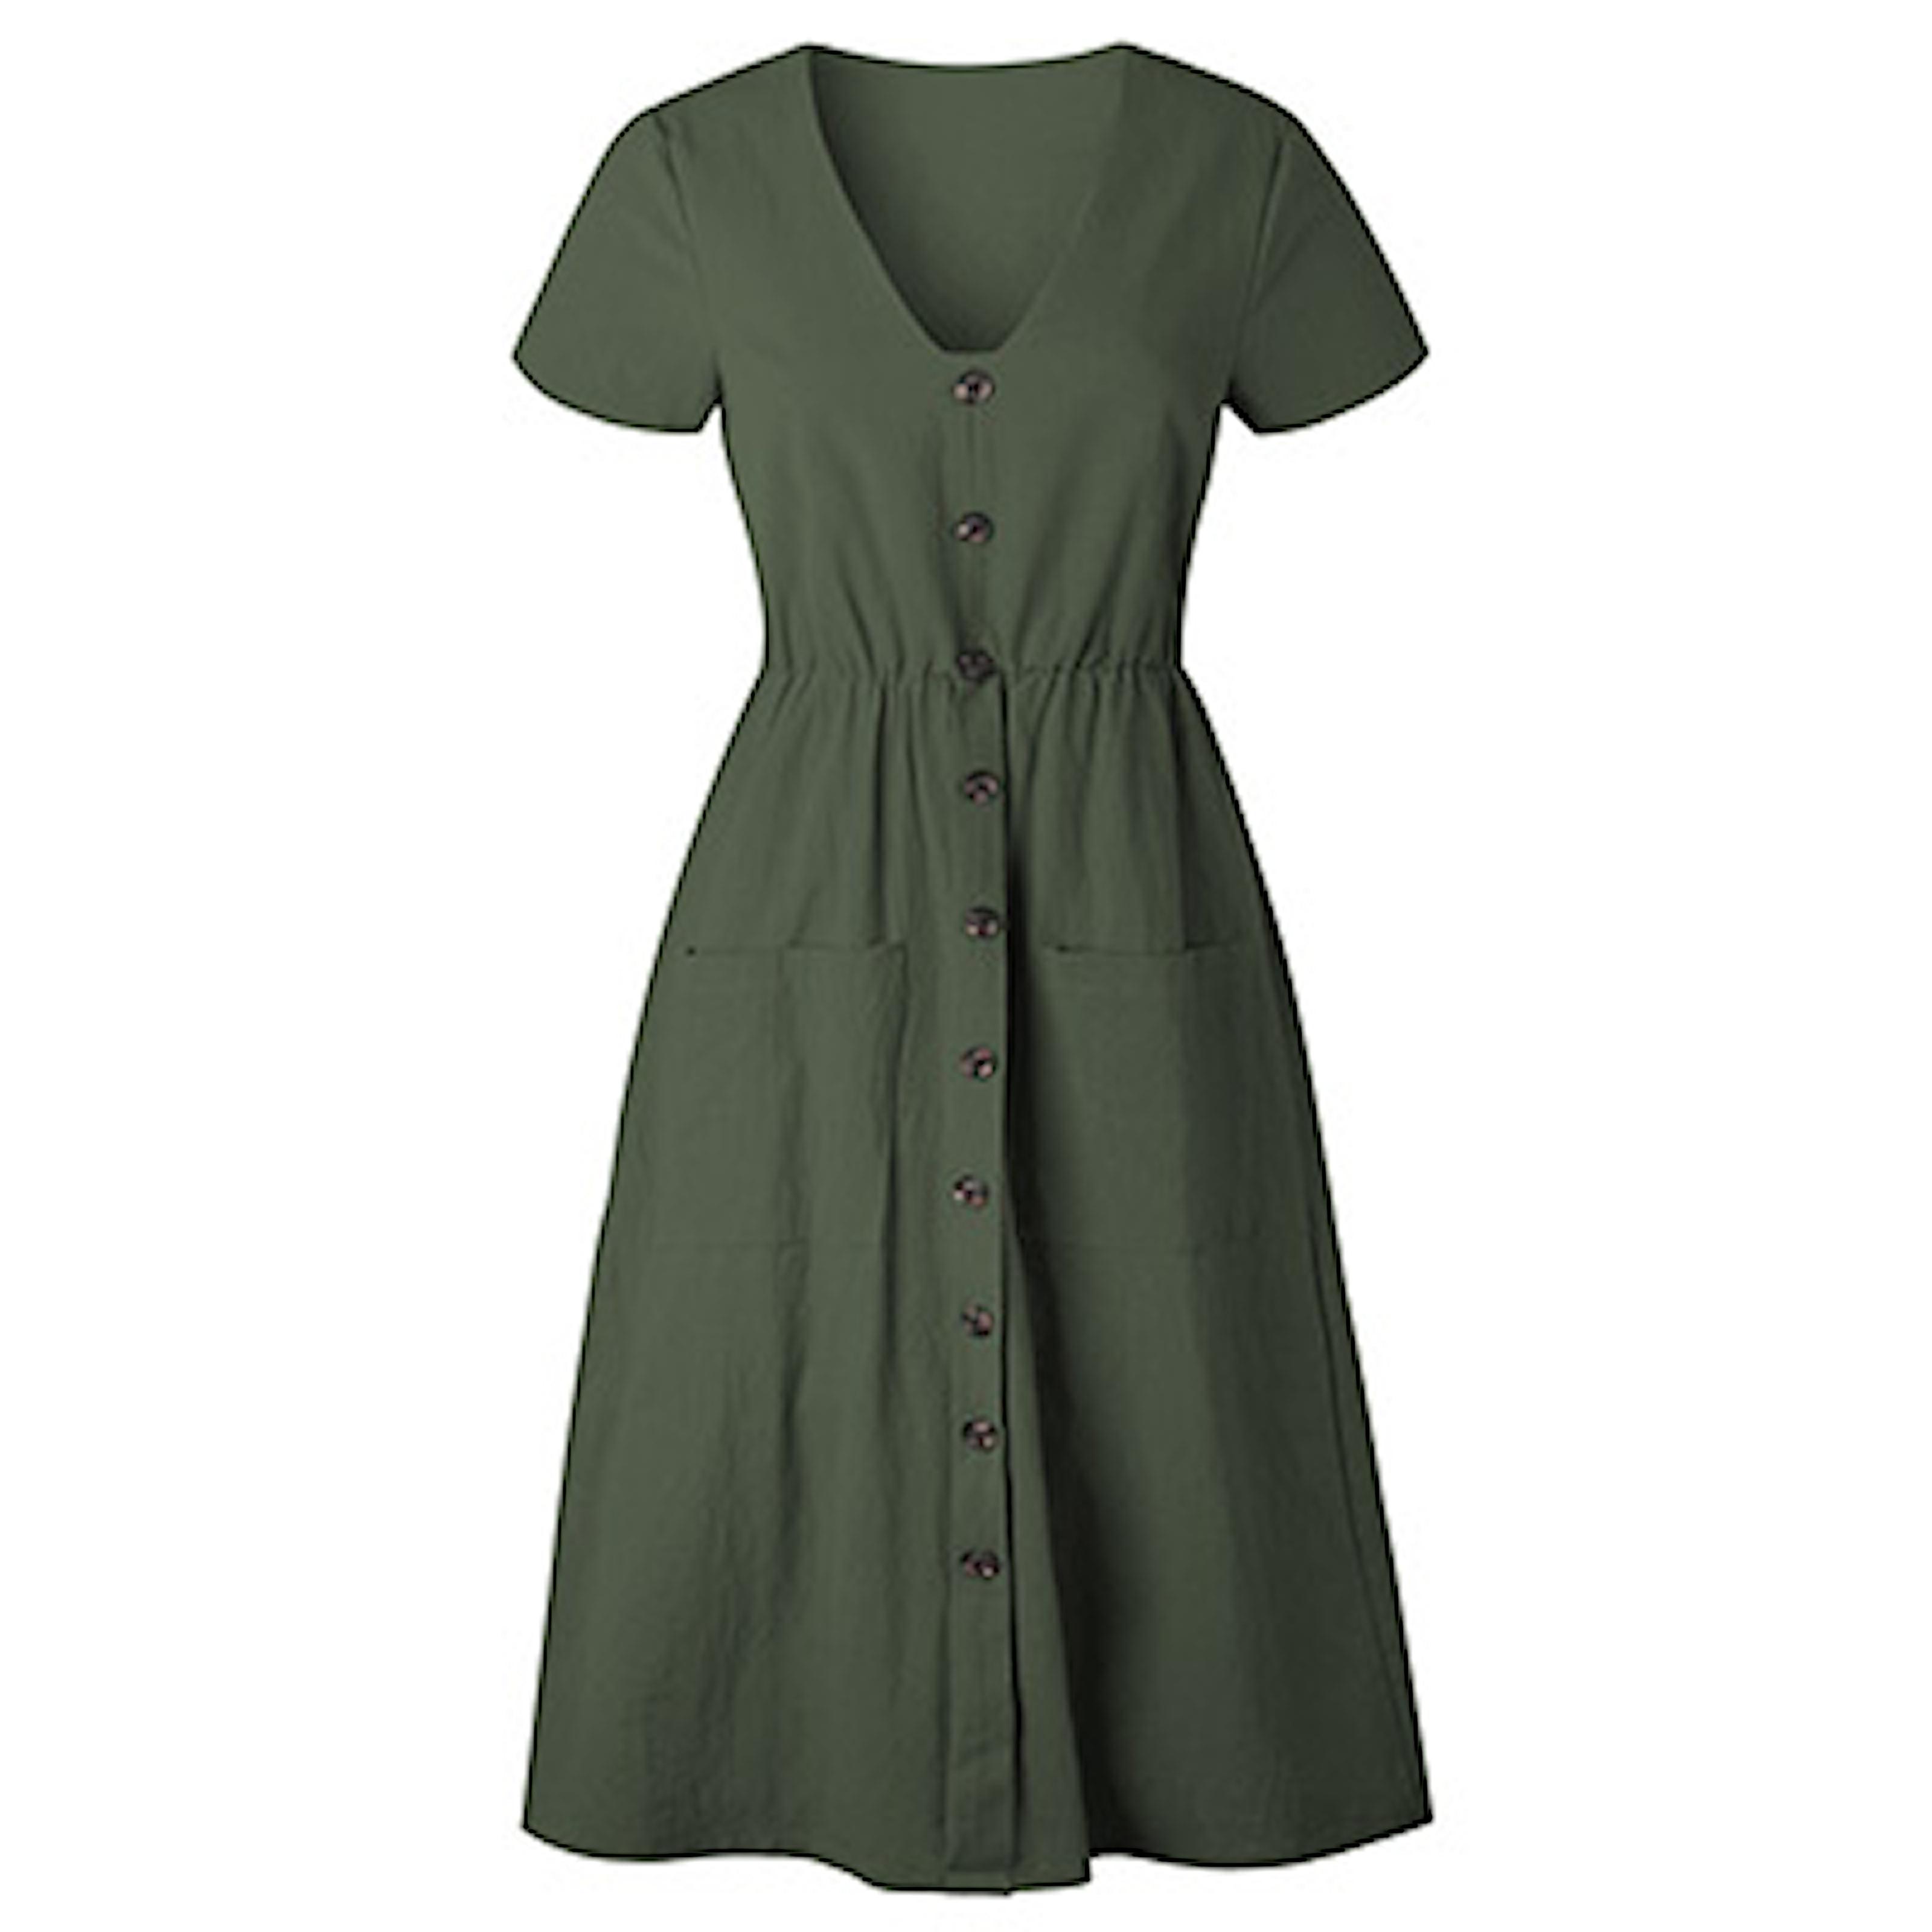 Grønn, L, Summer Dress Buttons, Søt sommerkjole, ,